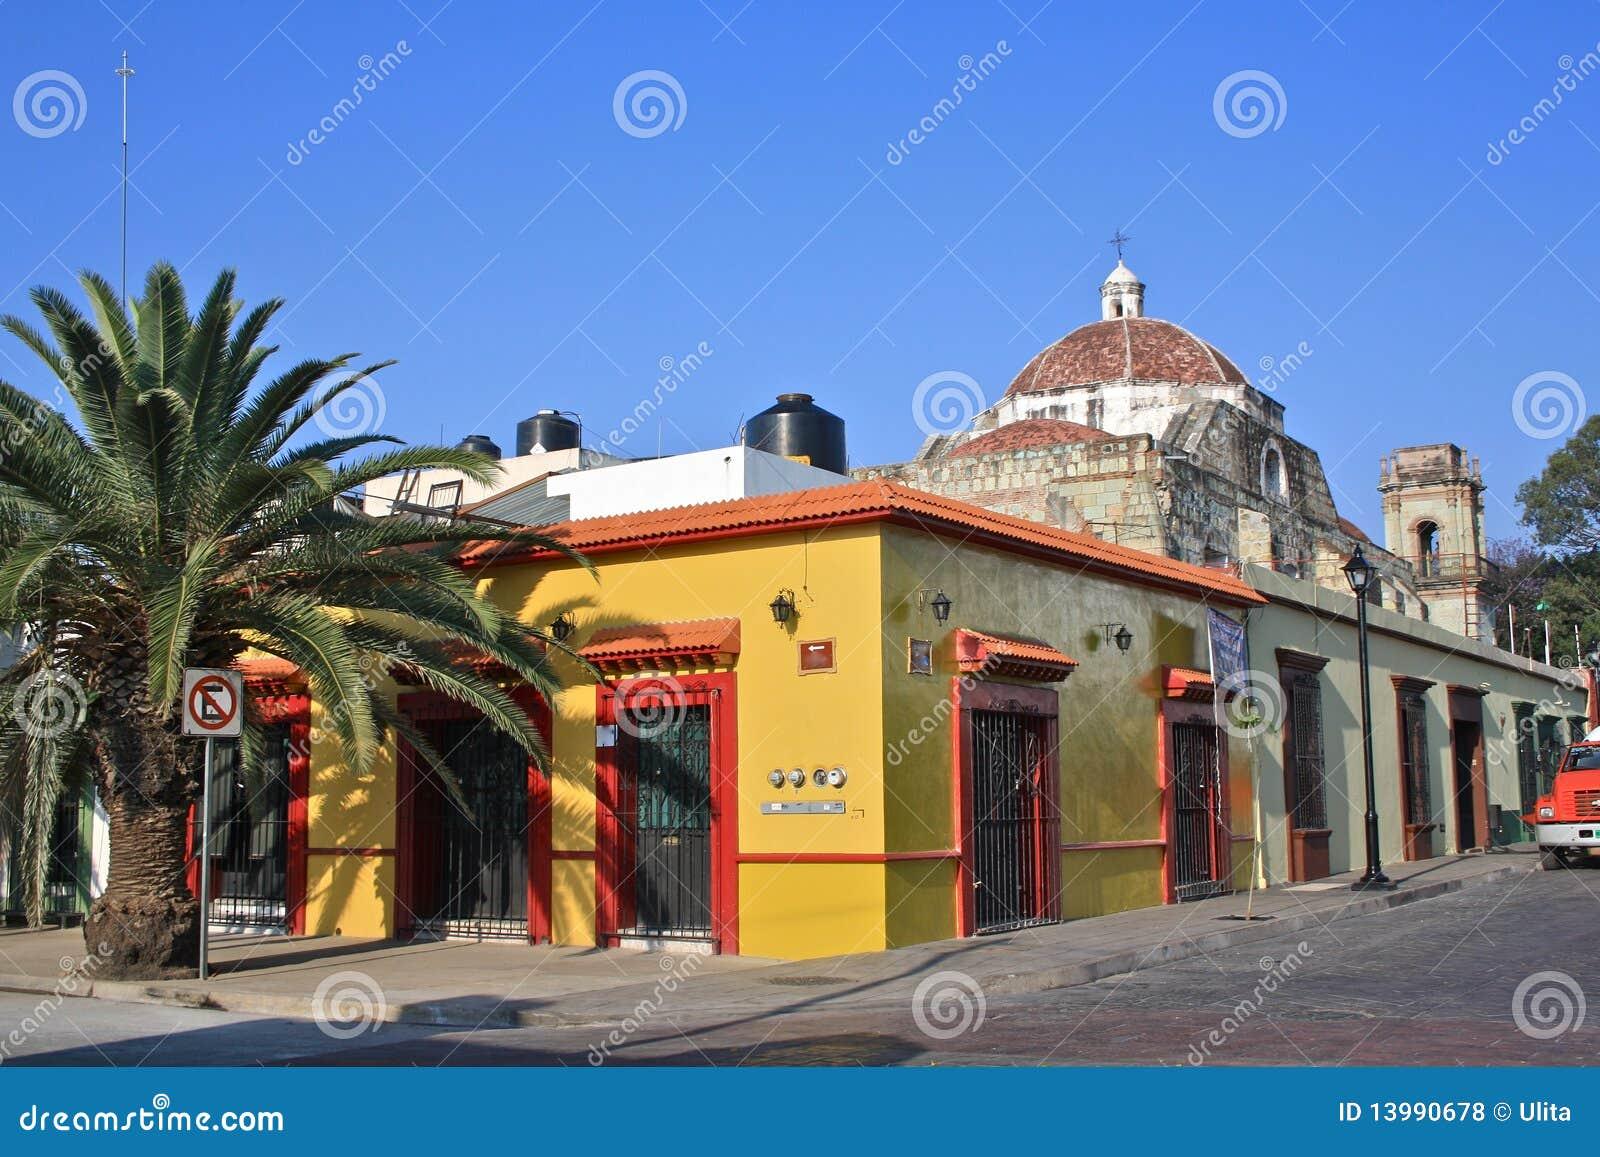 Angolo di strada Oaxaca, Messico